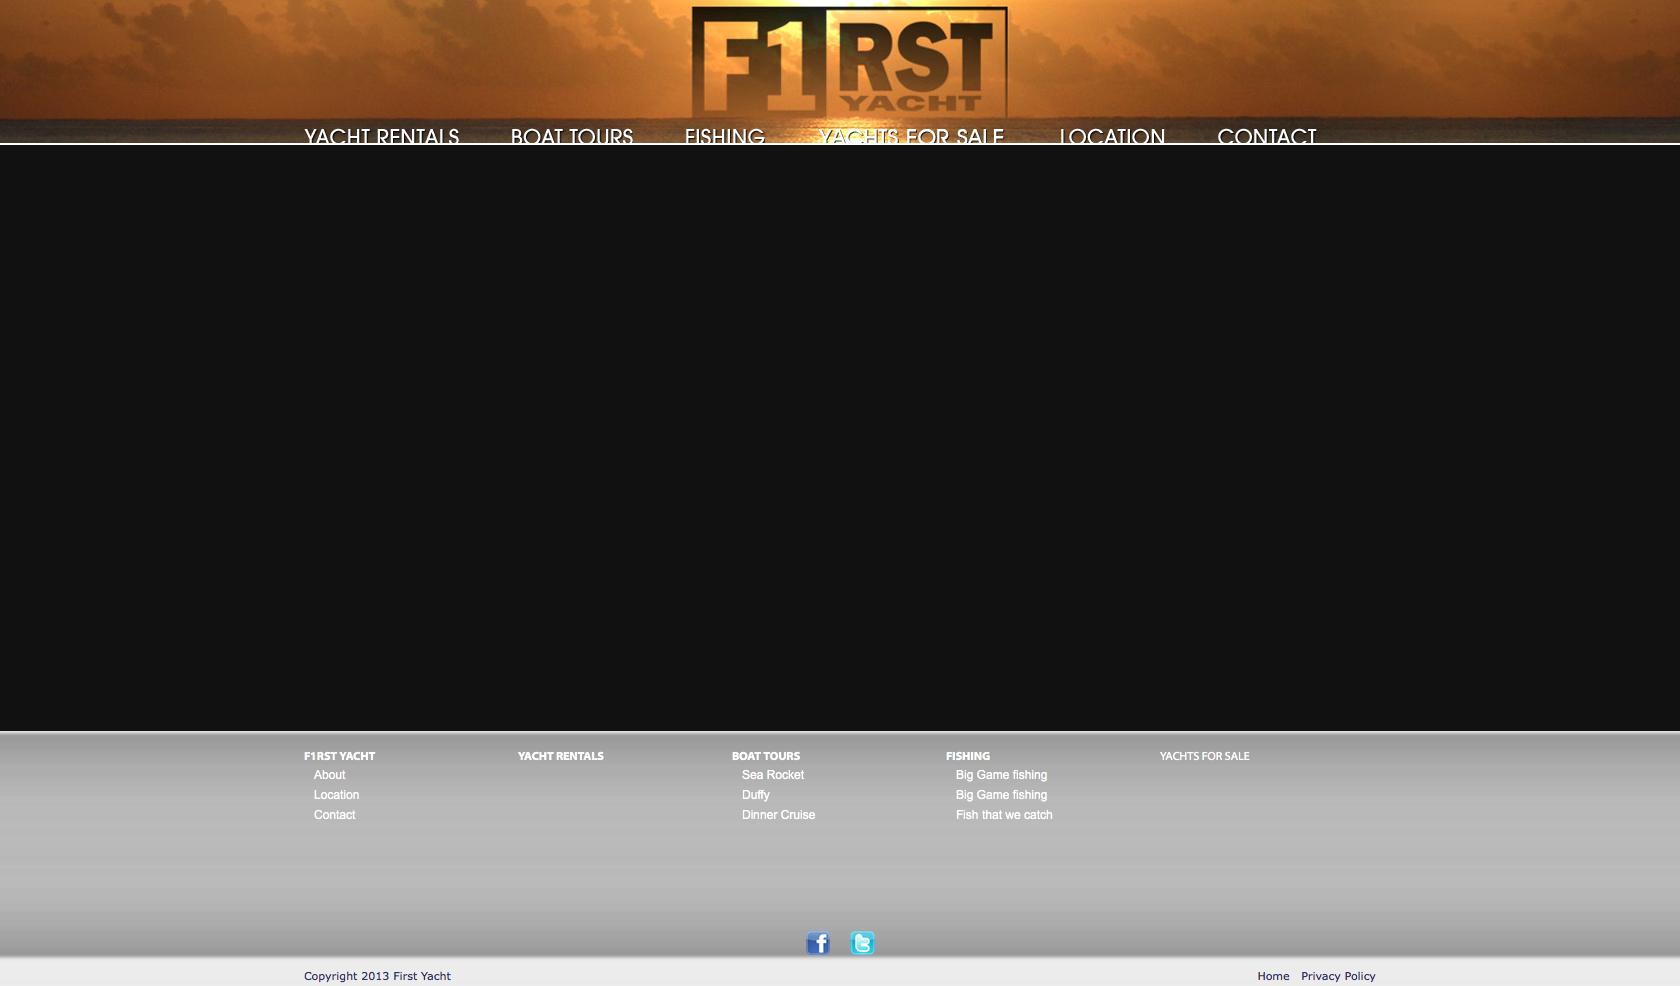 Screen Shot 2014-11-06 at 5.37.28 PM